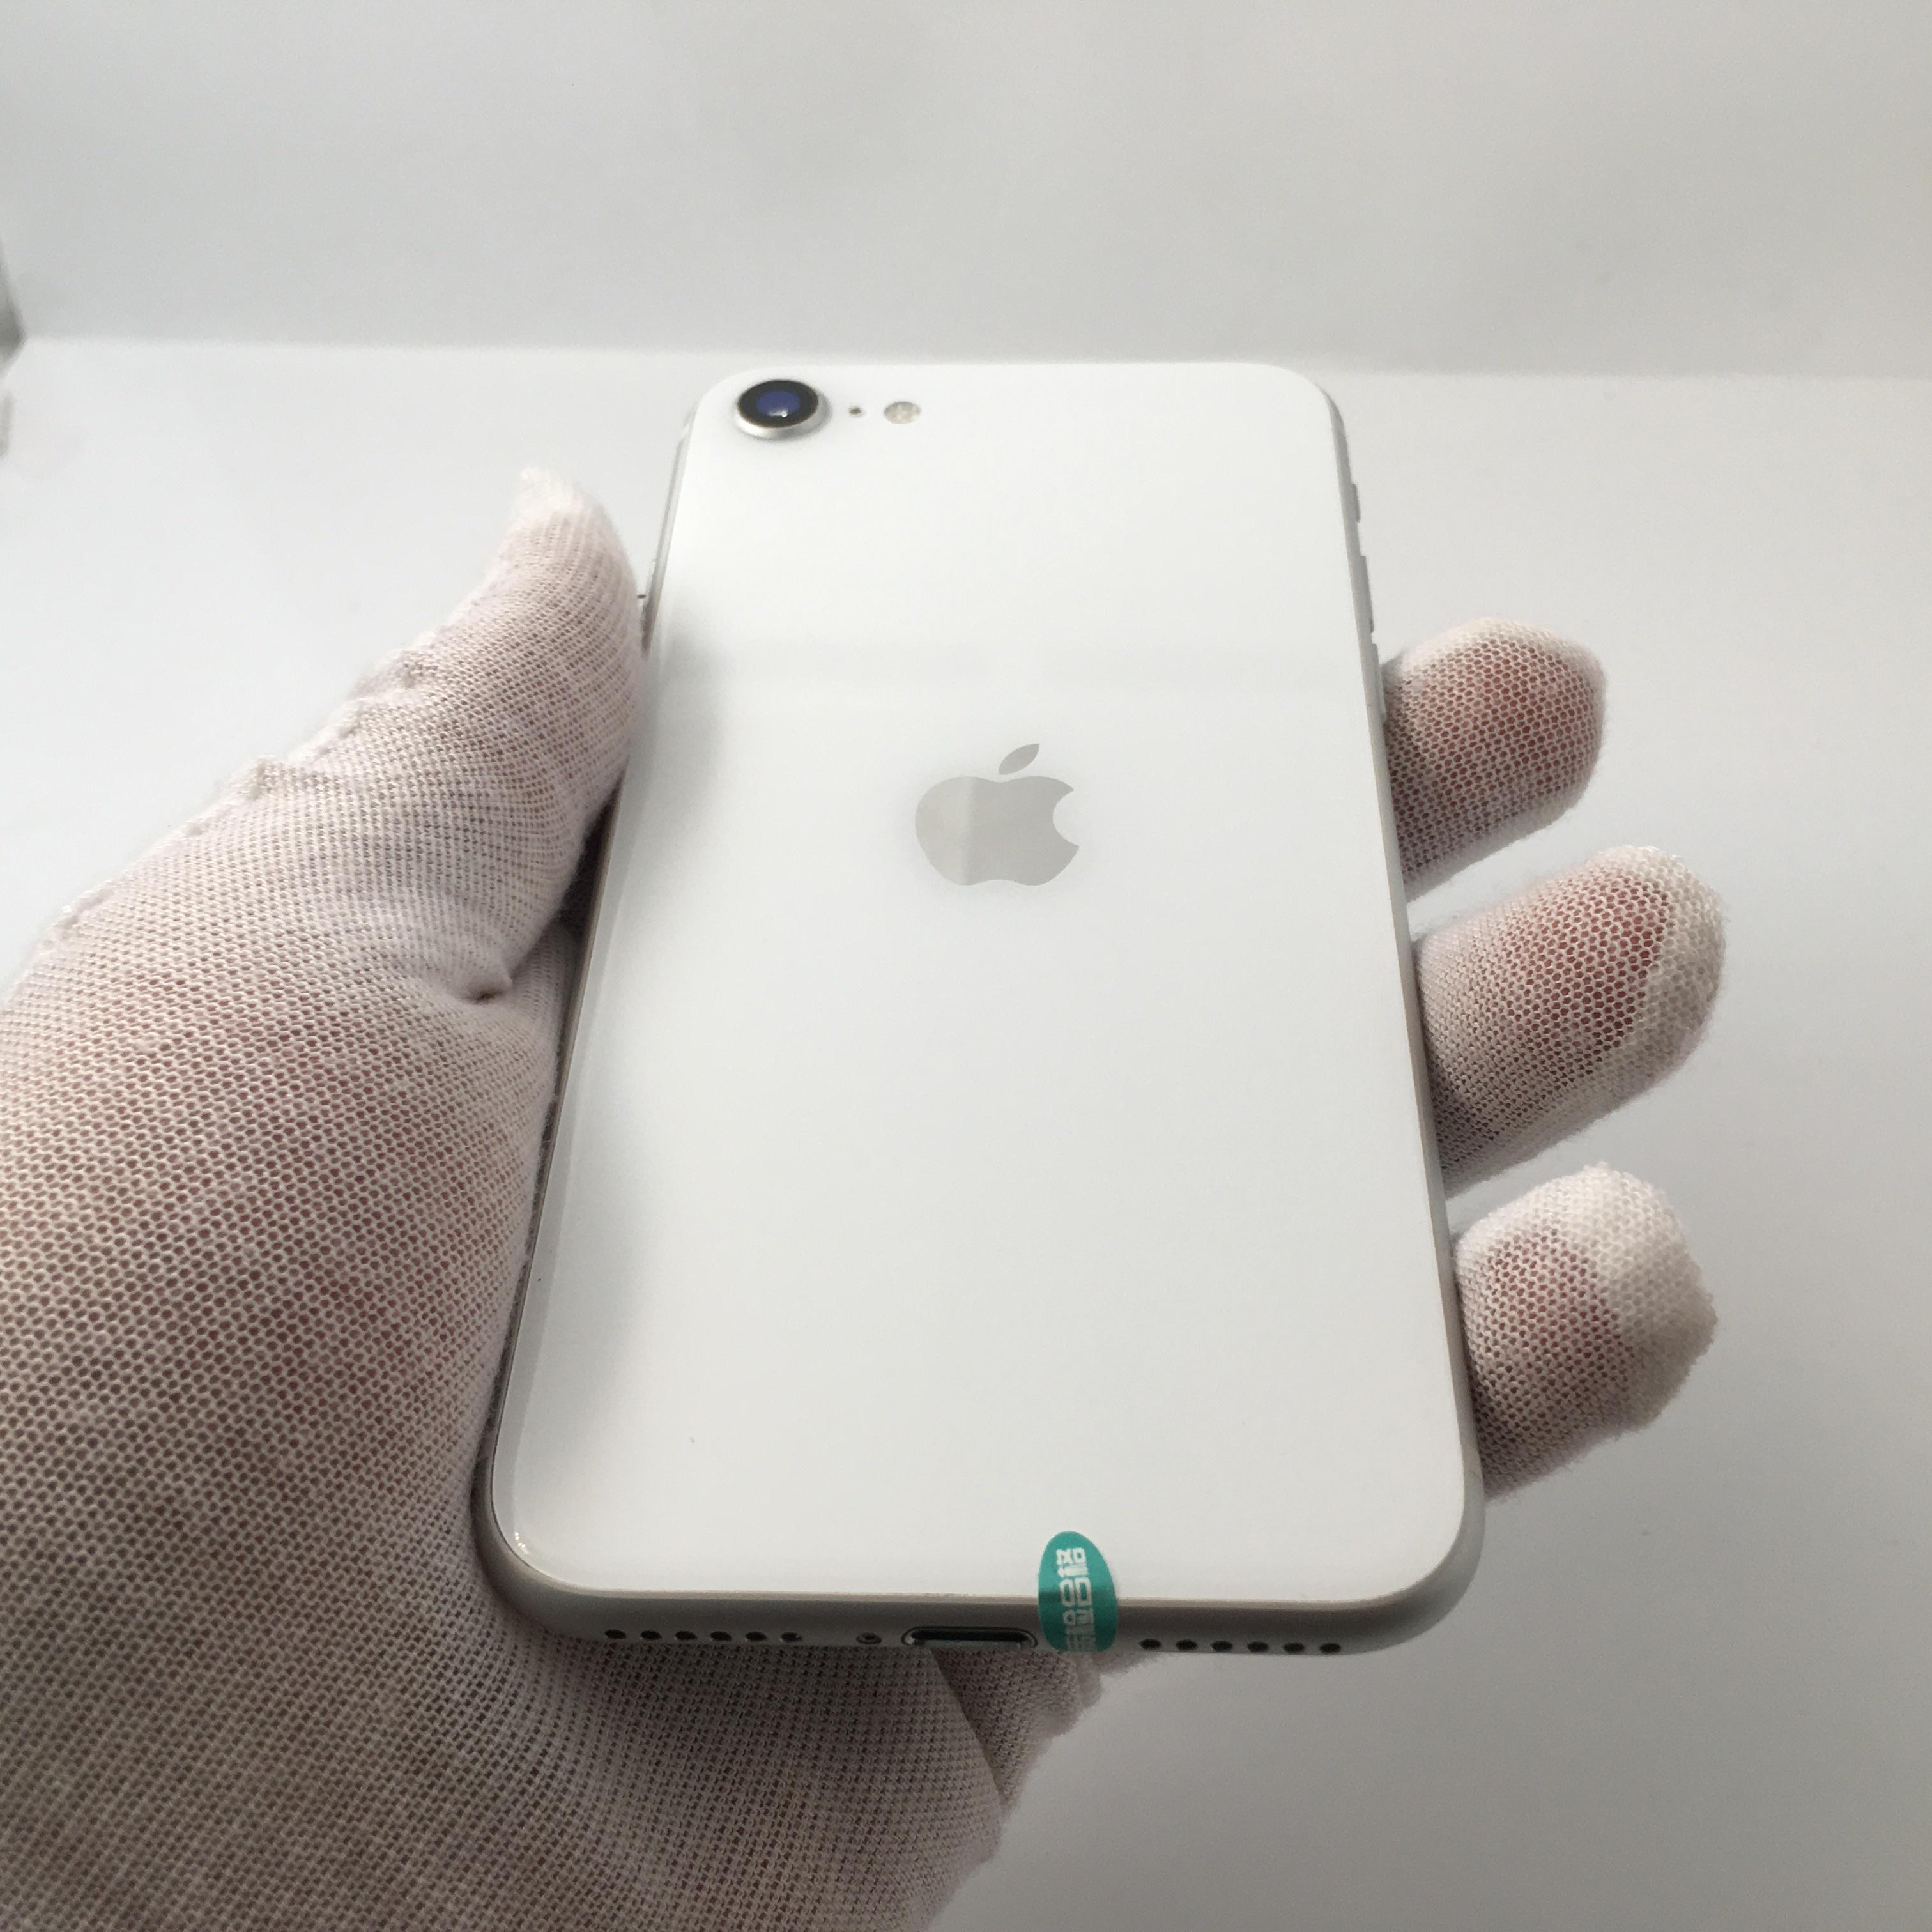 苹果【iPhone SE2】4G全网通 白色 128G 国行 95新